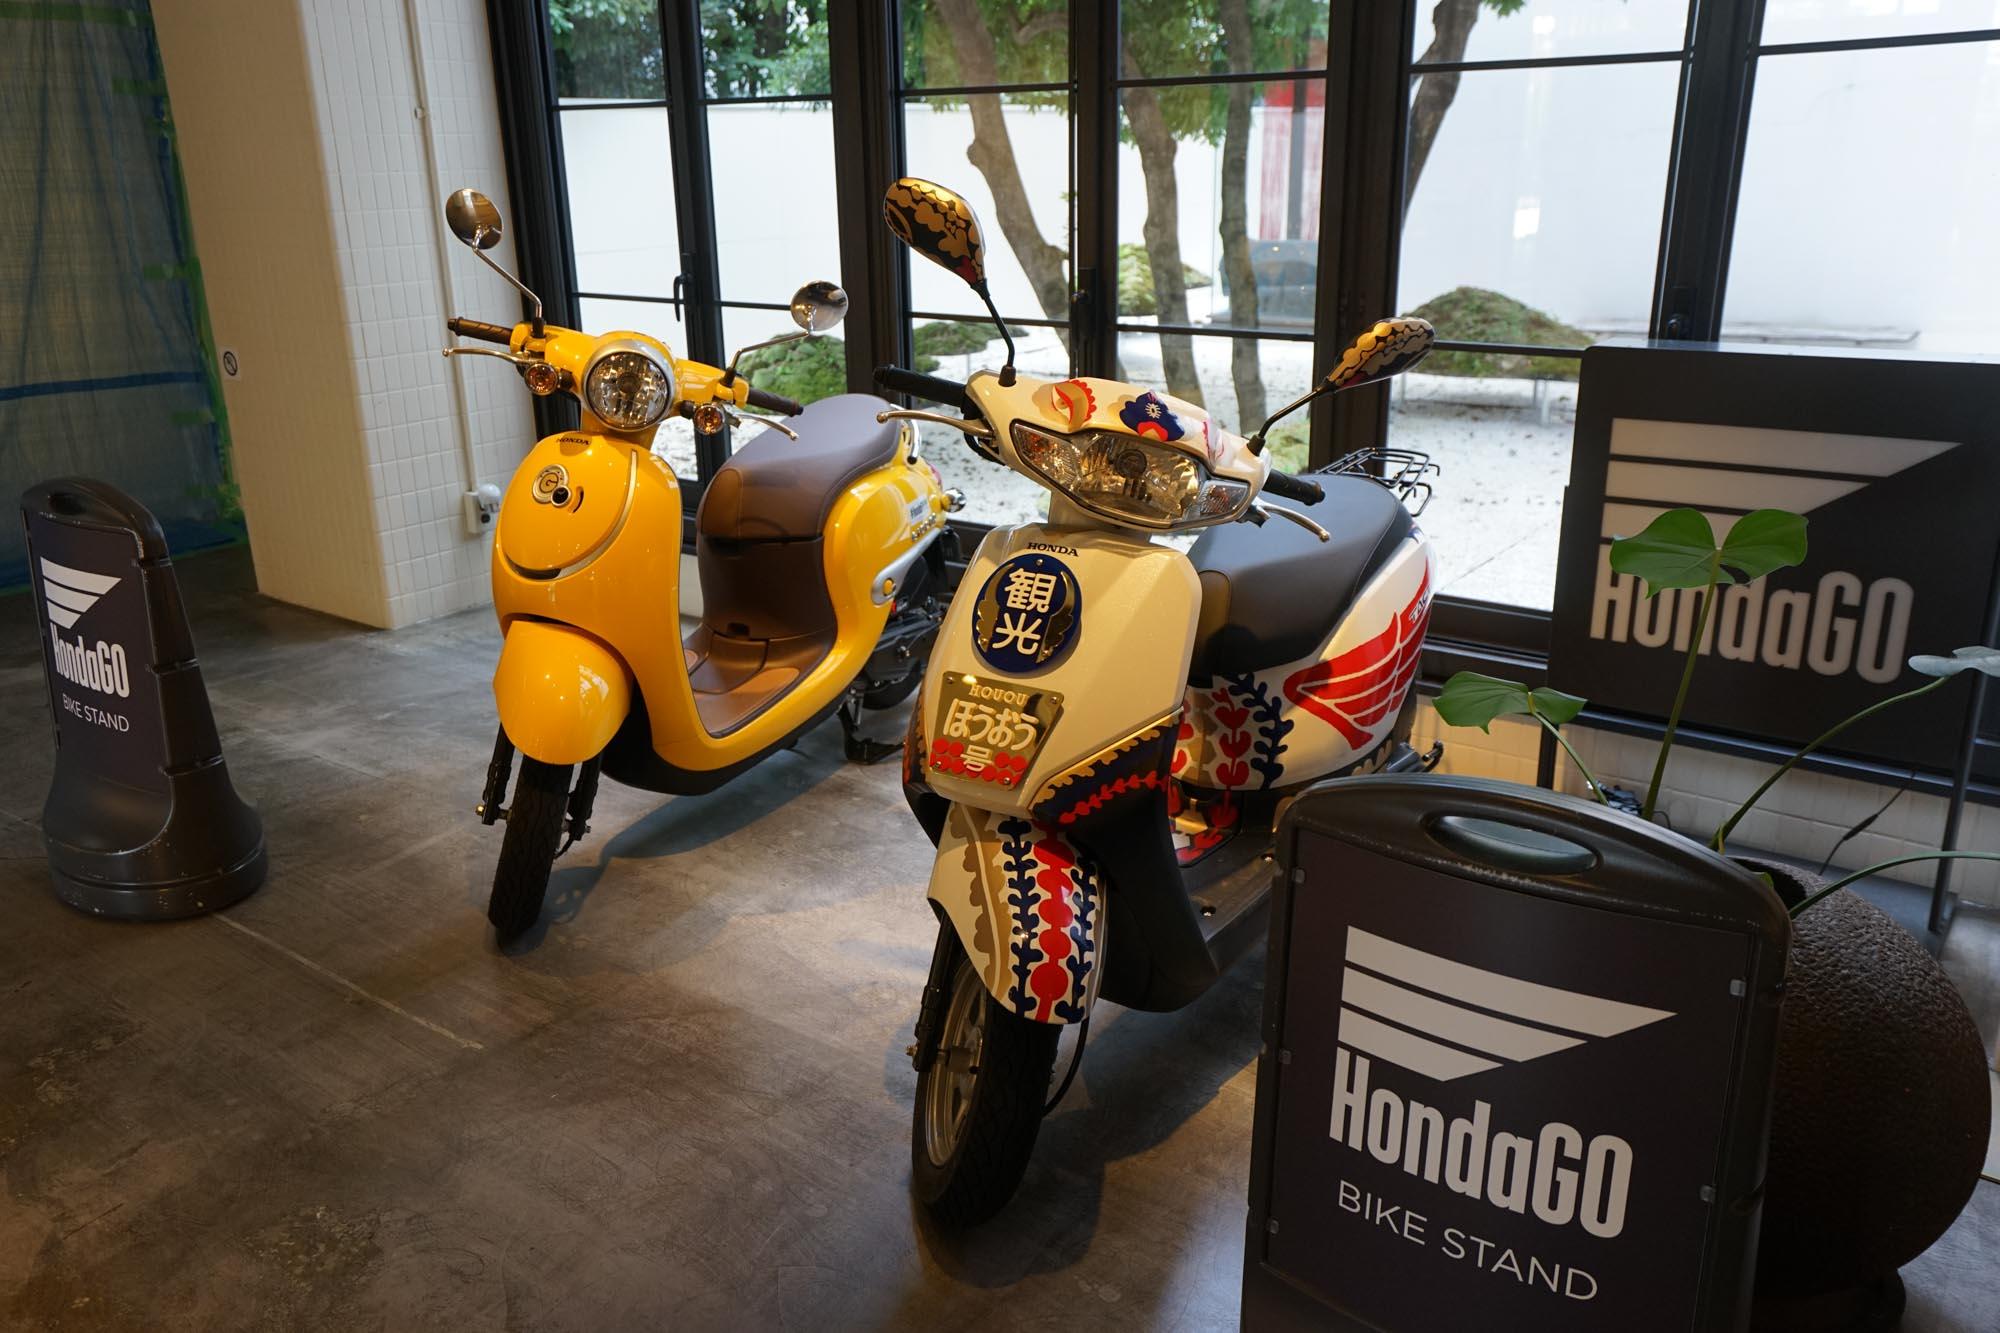 さらに、2020年9月24日までは、無料のレンタルバイクサービス「HondaGO BIKE STAND」も!普通自動車免許があれば乗れる50ccの原付です。